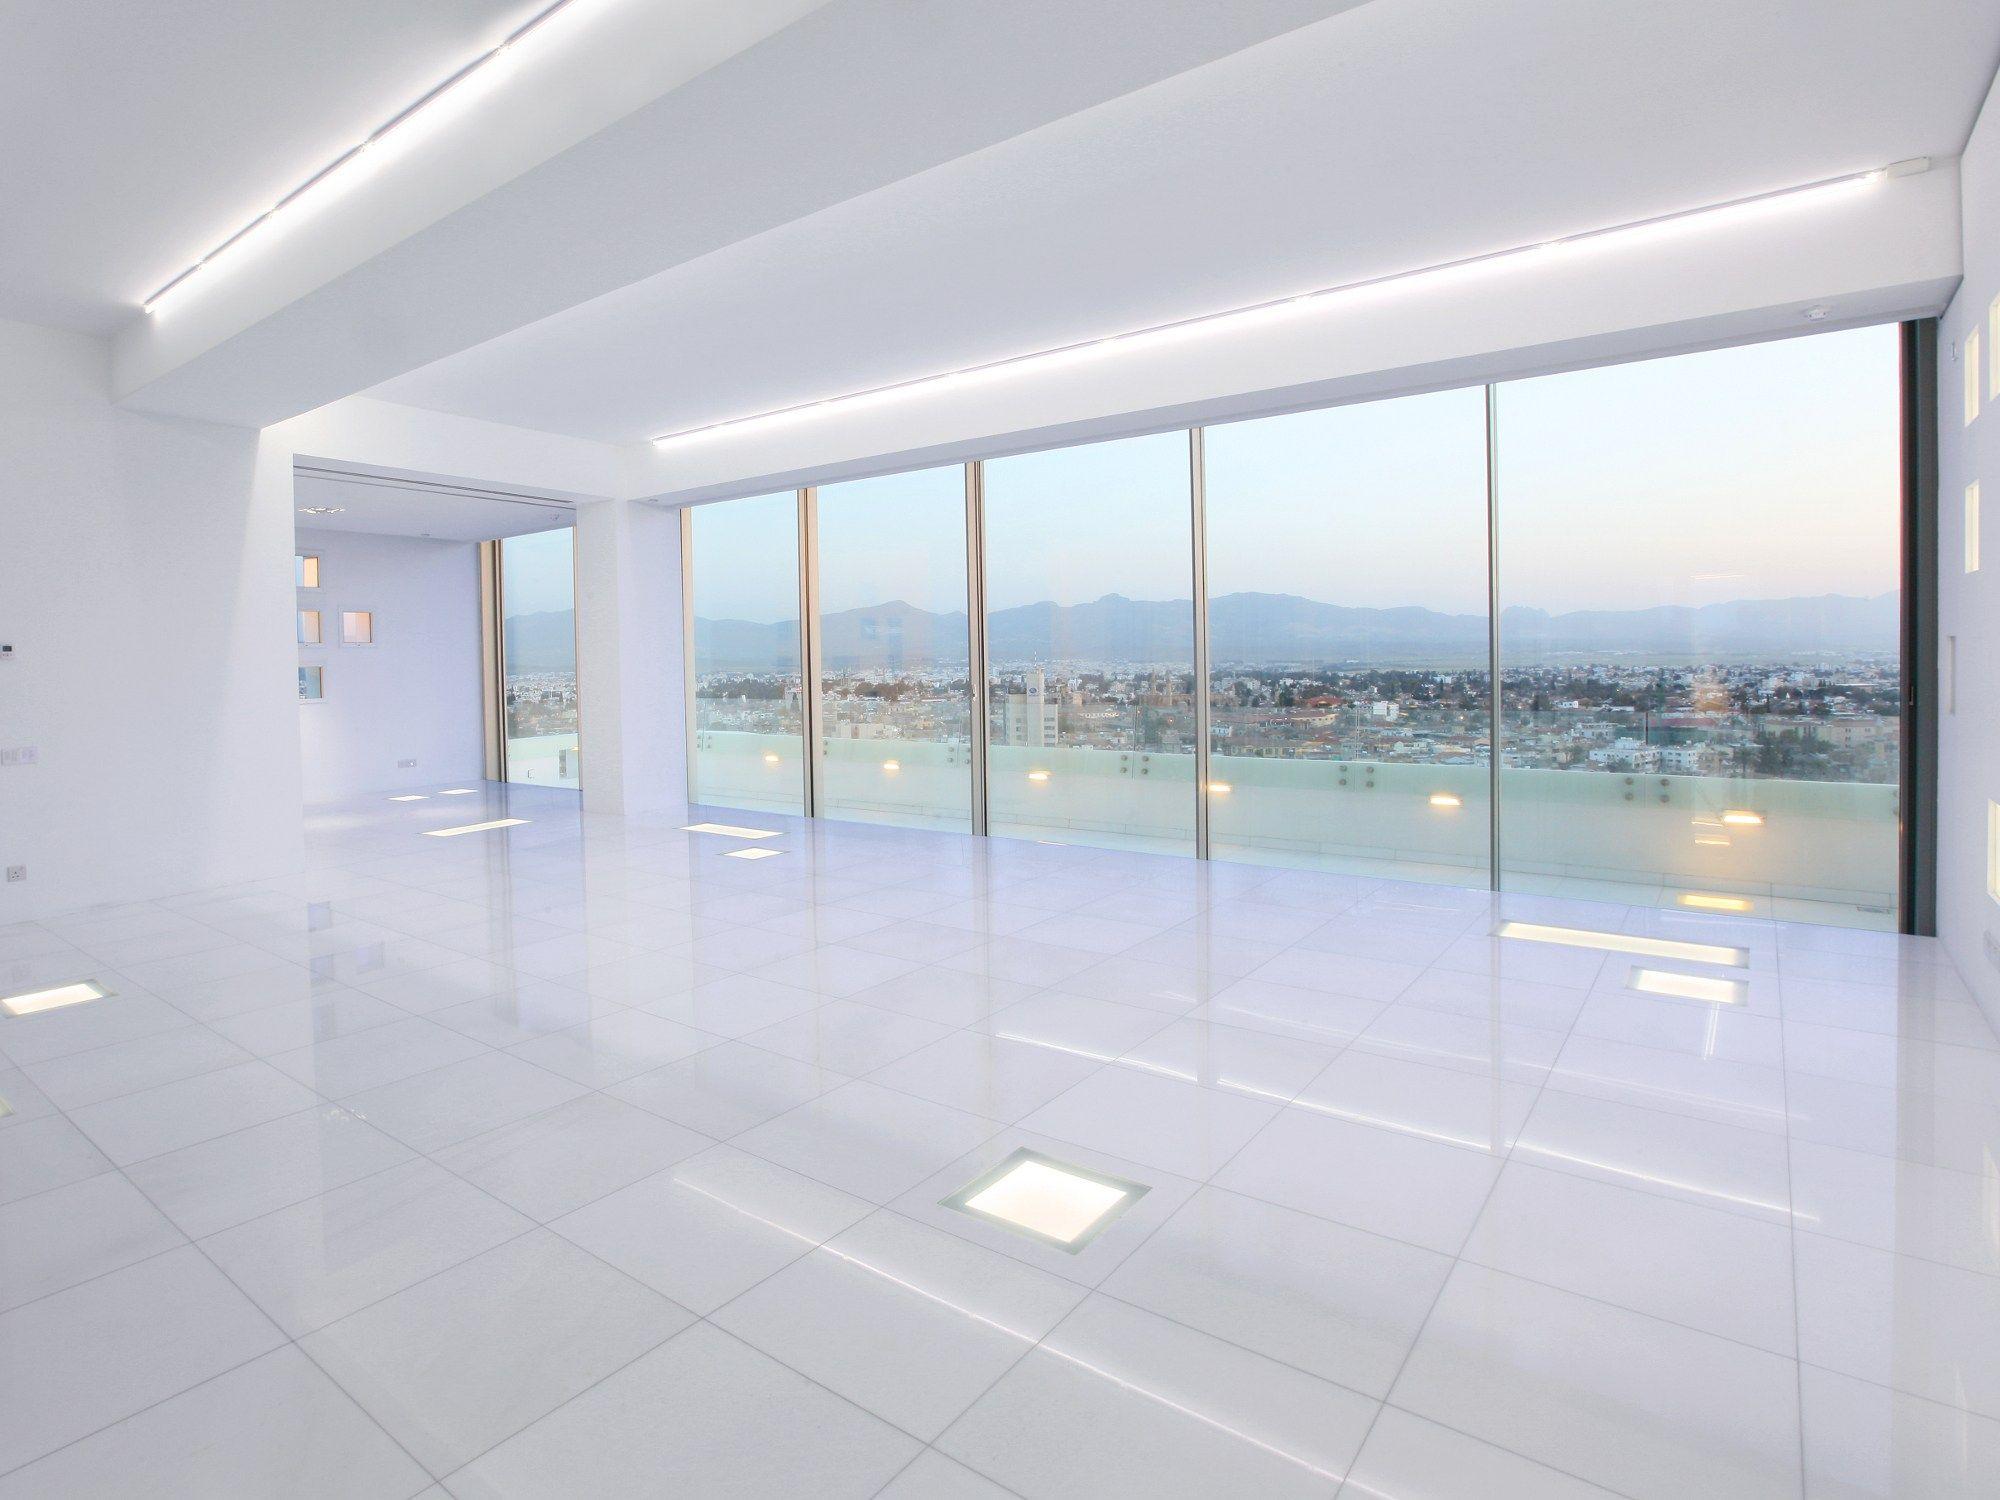 Fen tre coulissante en aluminium avec triple vitrage for Fenetre triple vitrage aluminium